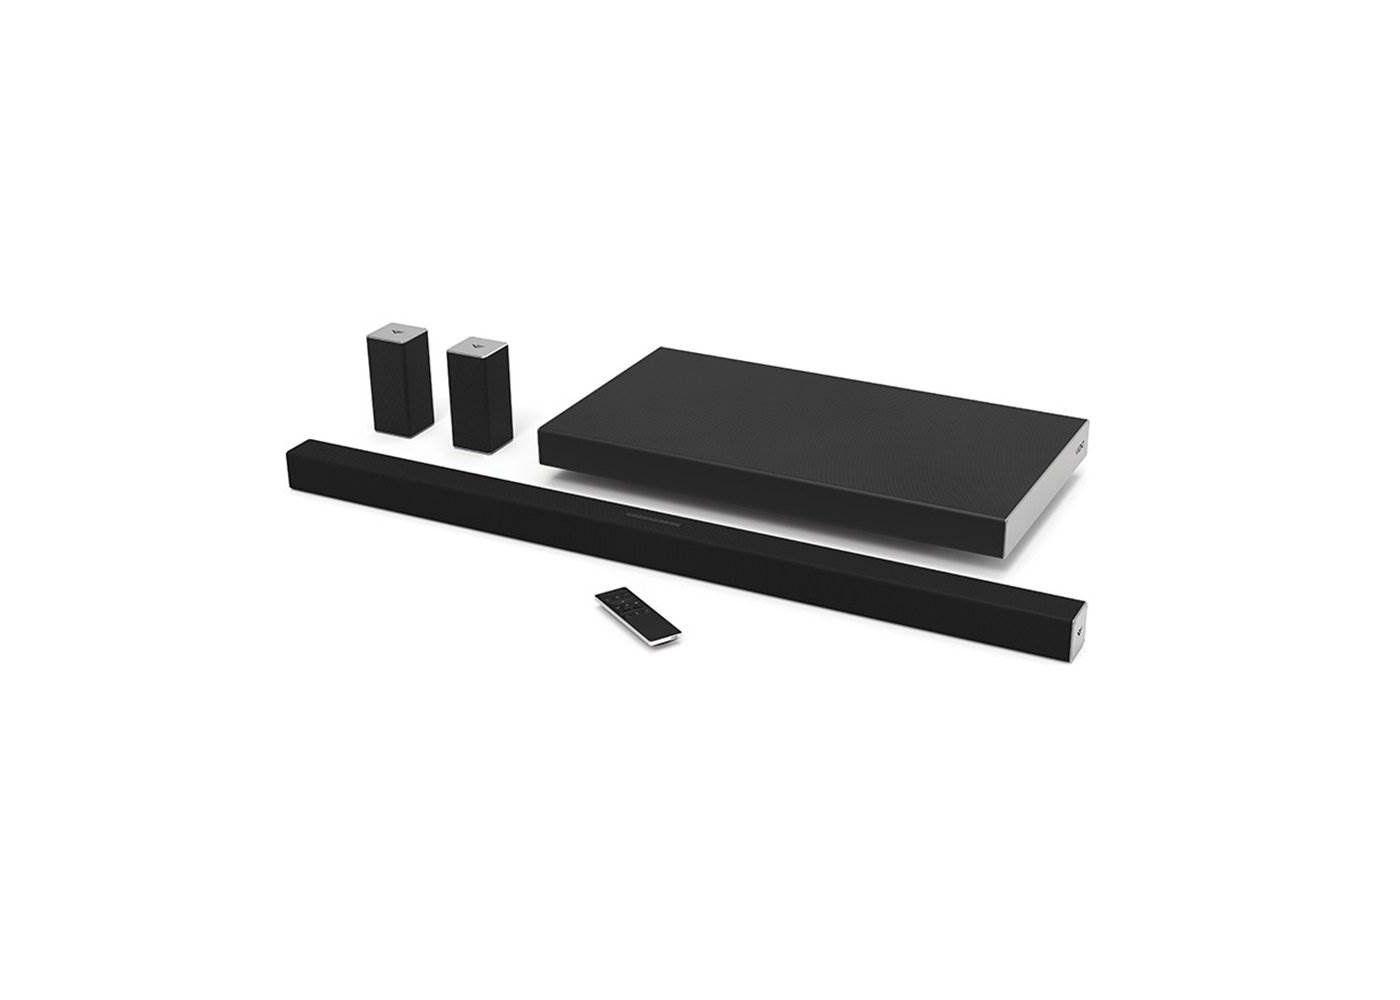 Vizio Smartcast 45 5 1 Tv Sound Bar System W Subwoofer Certified Refurbished In 2020 Sound Bar Tv Sound Digital Tv